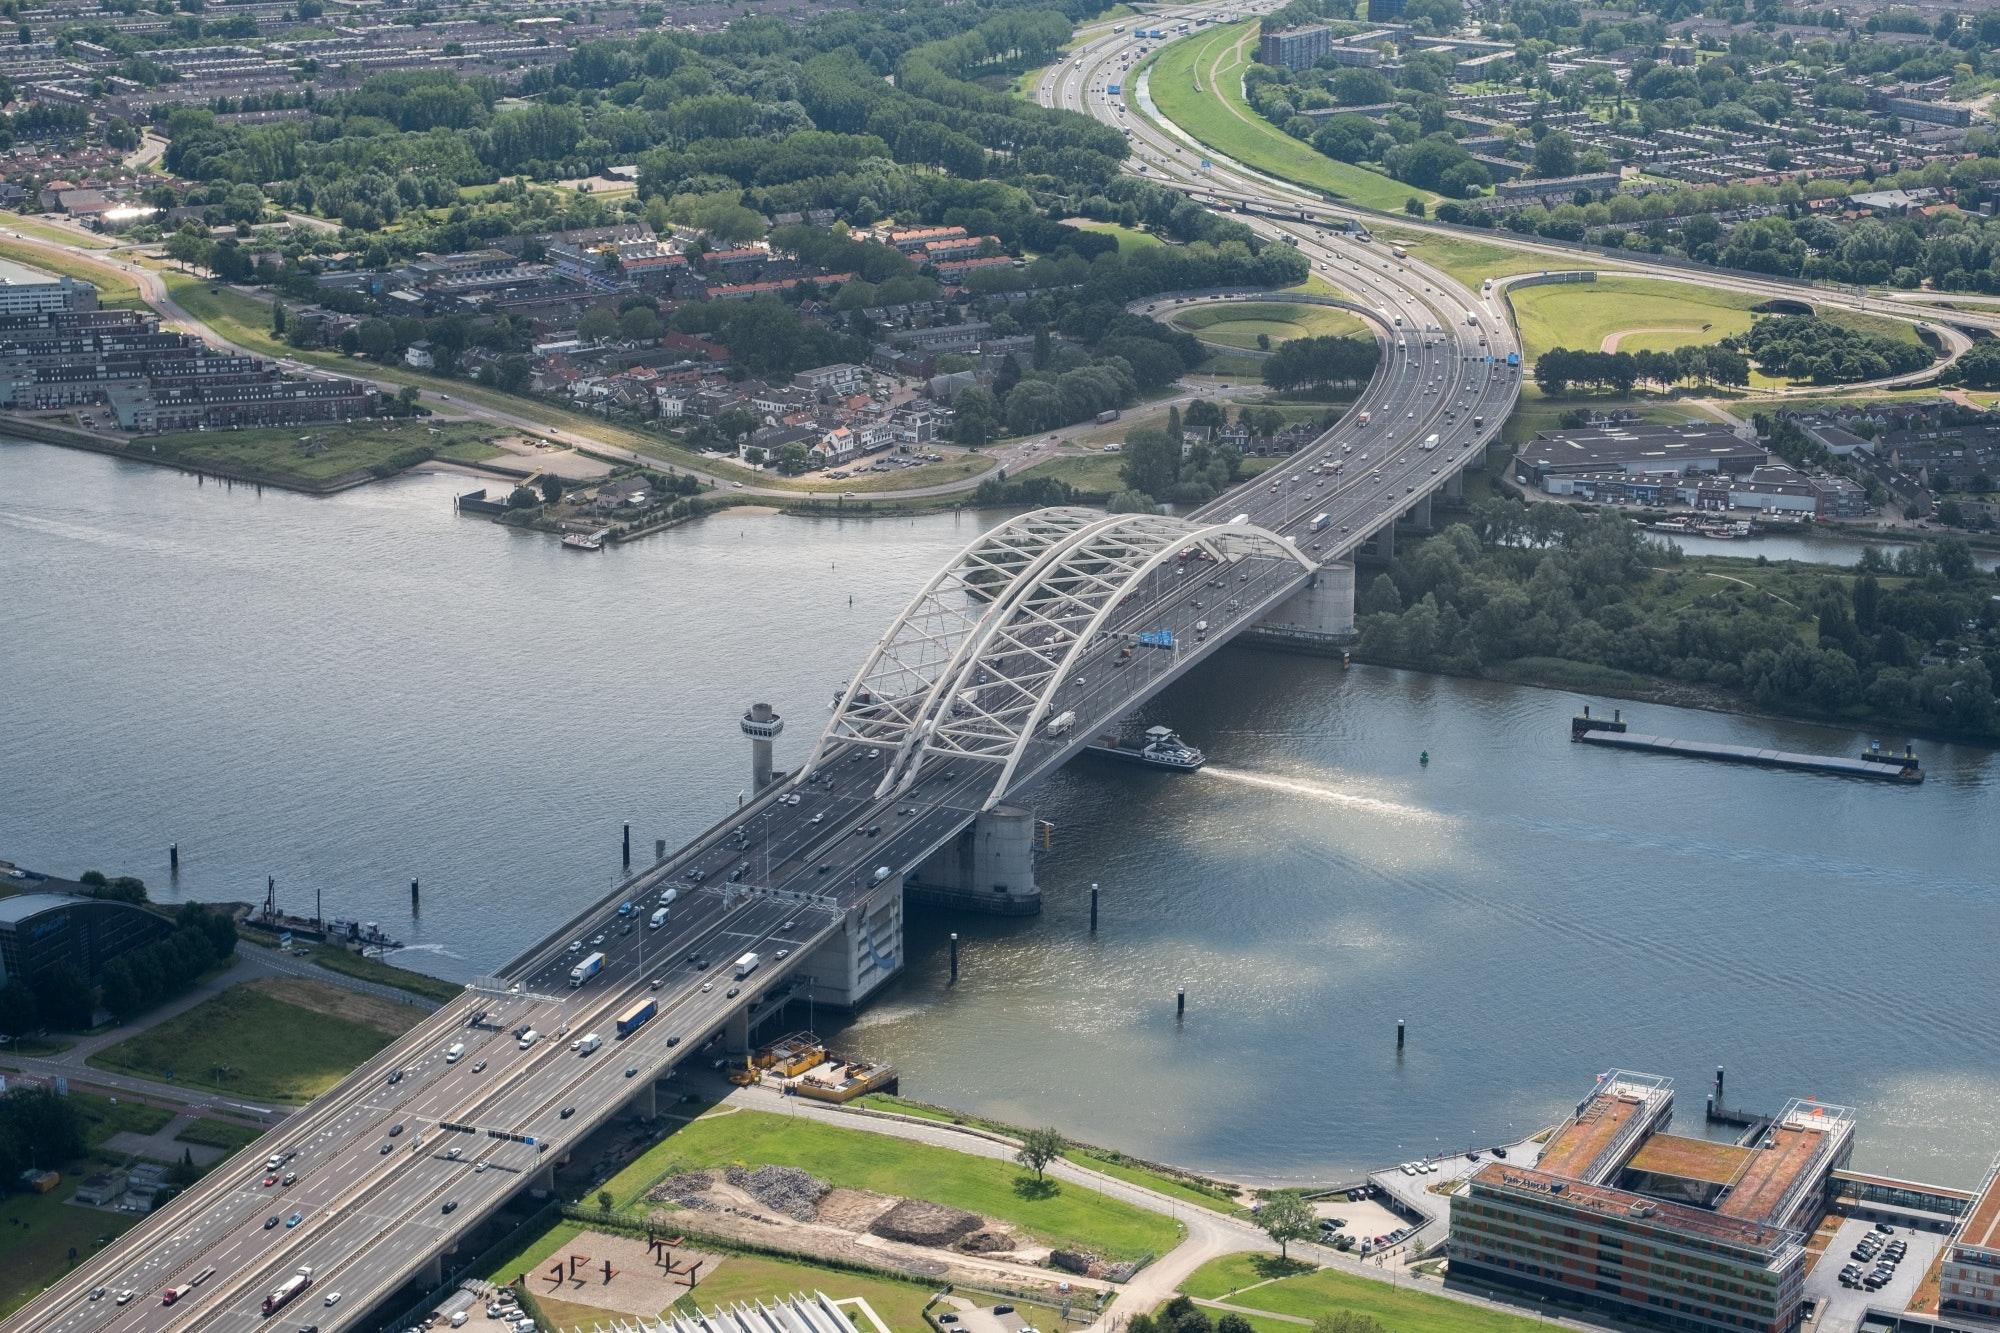 De renovatie van de Van Brienenoordbrug gaat nu beginnen in 2026. (Foto Rijkswaterstaat)